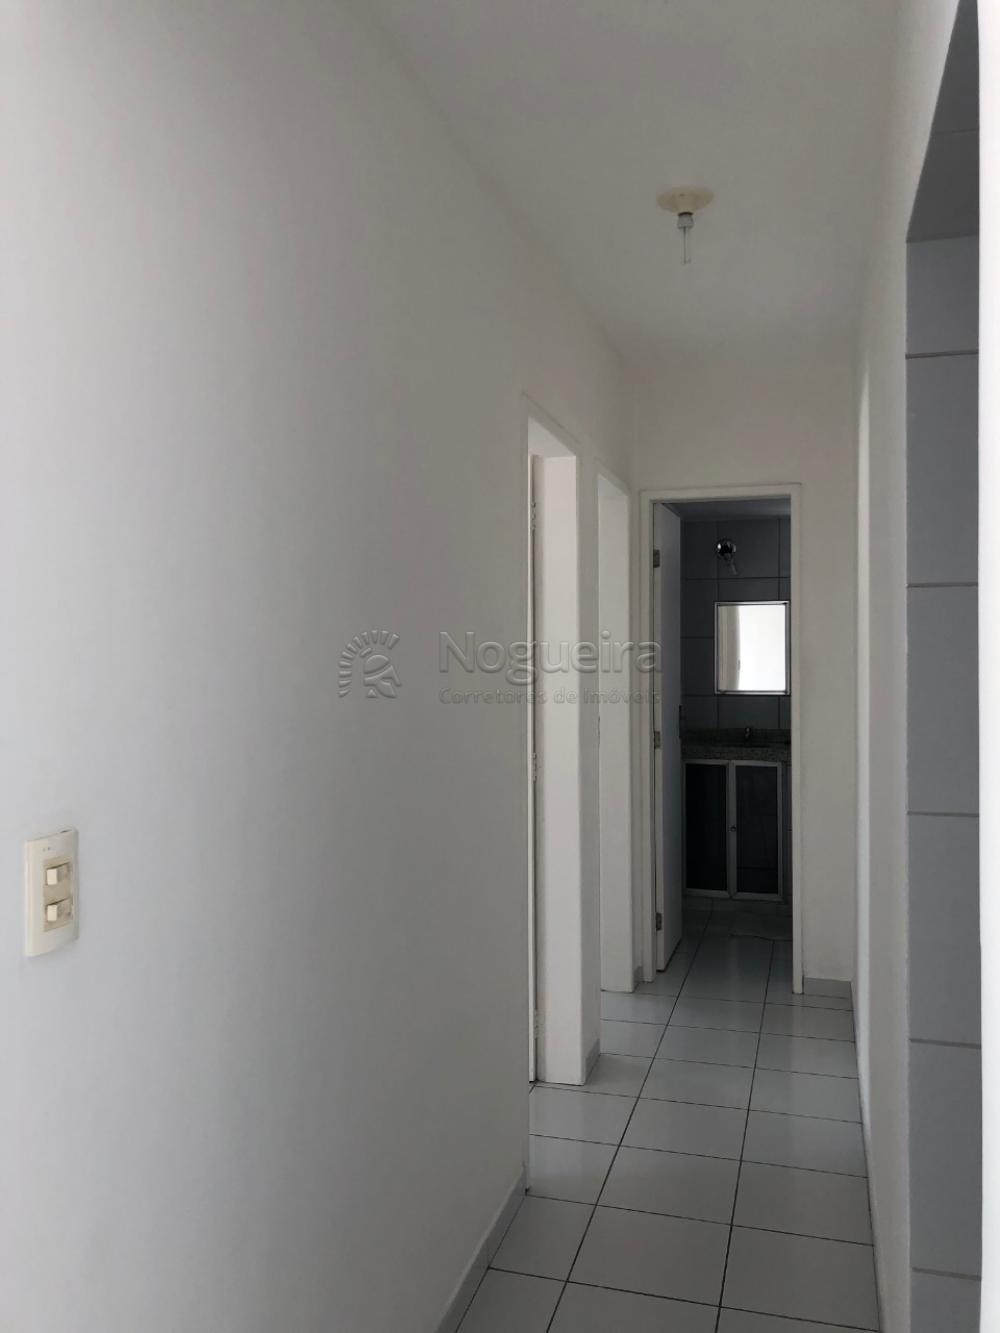 Apartamento com excelente localização em boa viagem. Imóvel possui 65m², sala para dois ambientes, dois quartos, armários, banheiro social, área de serviço, uma vaga na garagem coberta!  O Edf possui câmeras de segurança, portão eletrônico.  Agende sua visita!